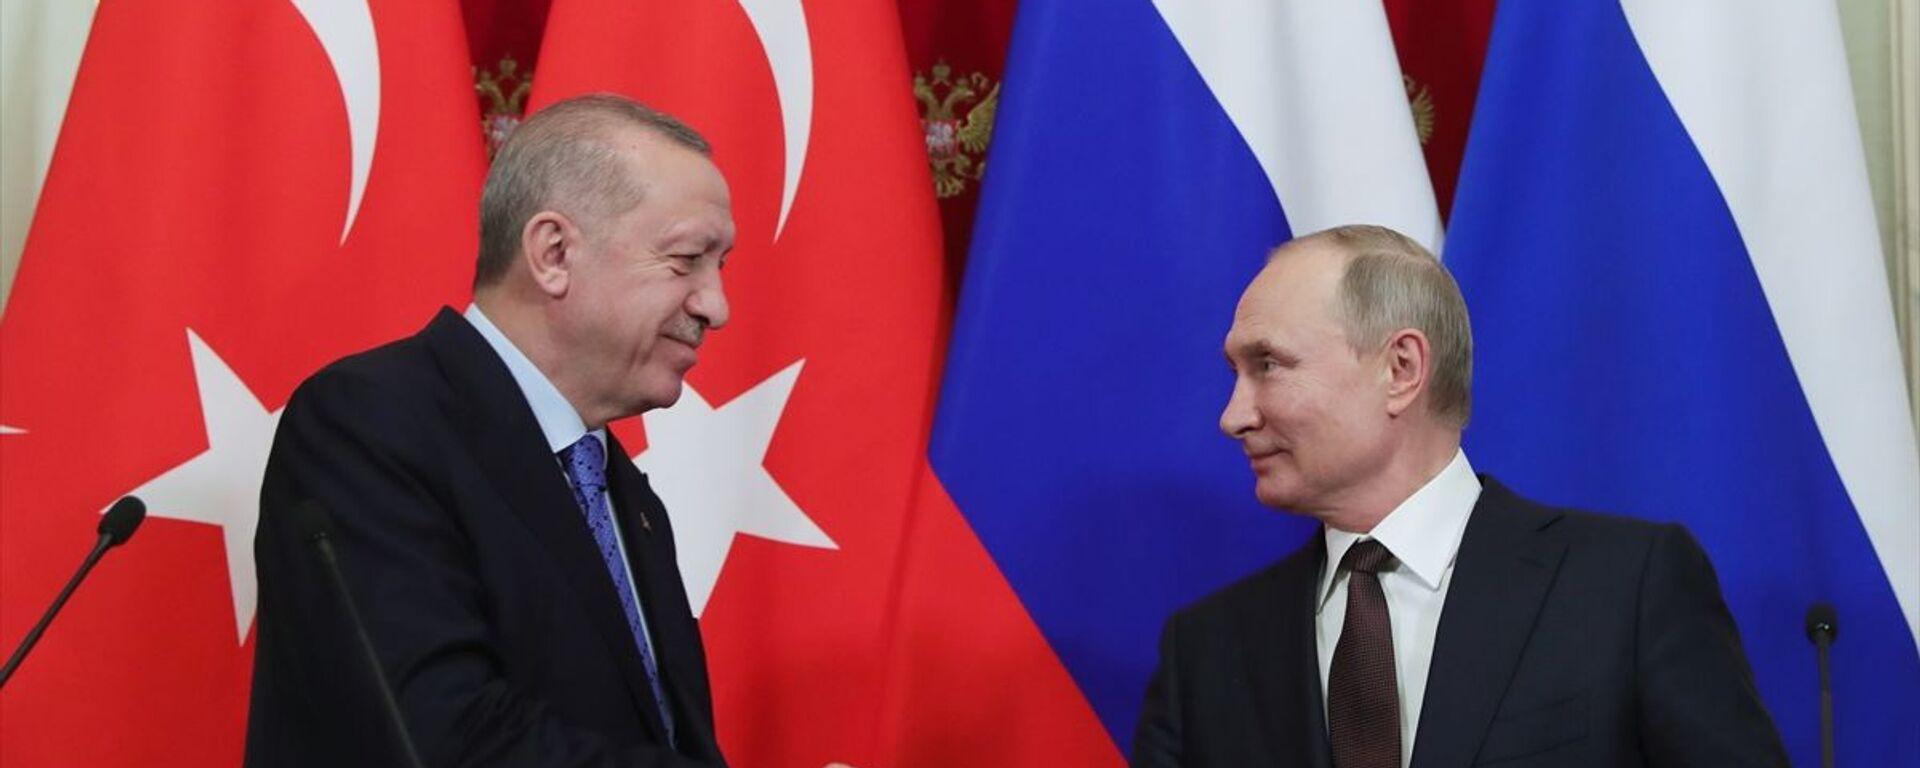 Türkiye Cumhurbaşkanı Recep Tayyip Erdoğan ile Rusya Devlet Başkanı Vladimir Putin - Sputnik Türkiye, 1920, 27.09.2021